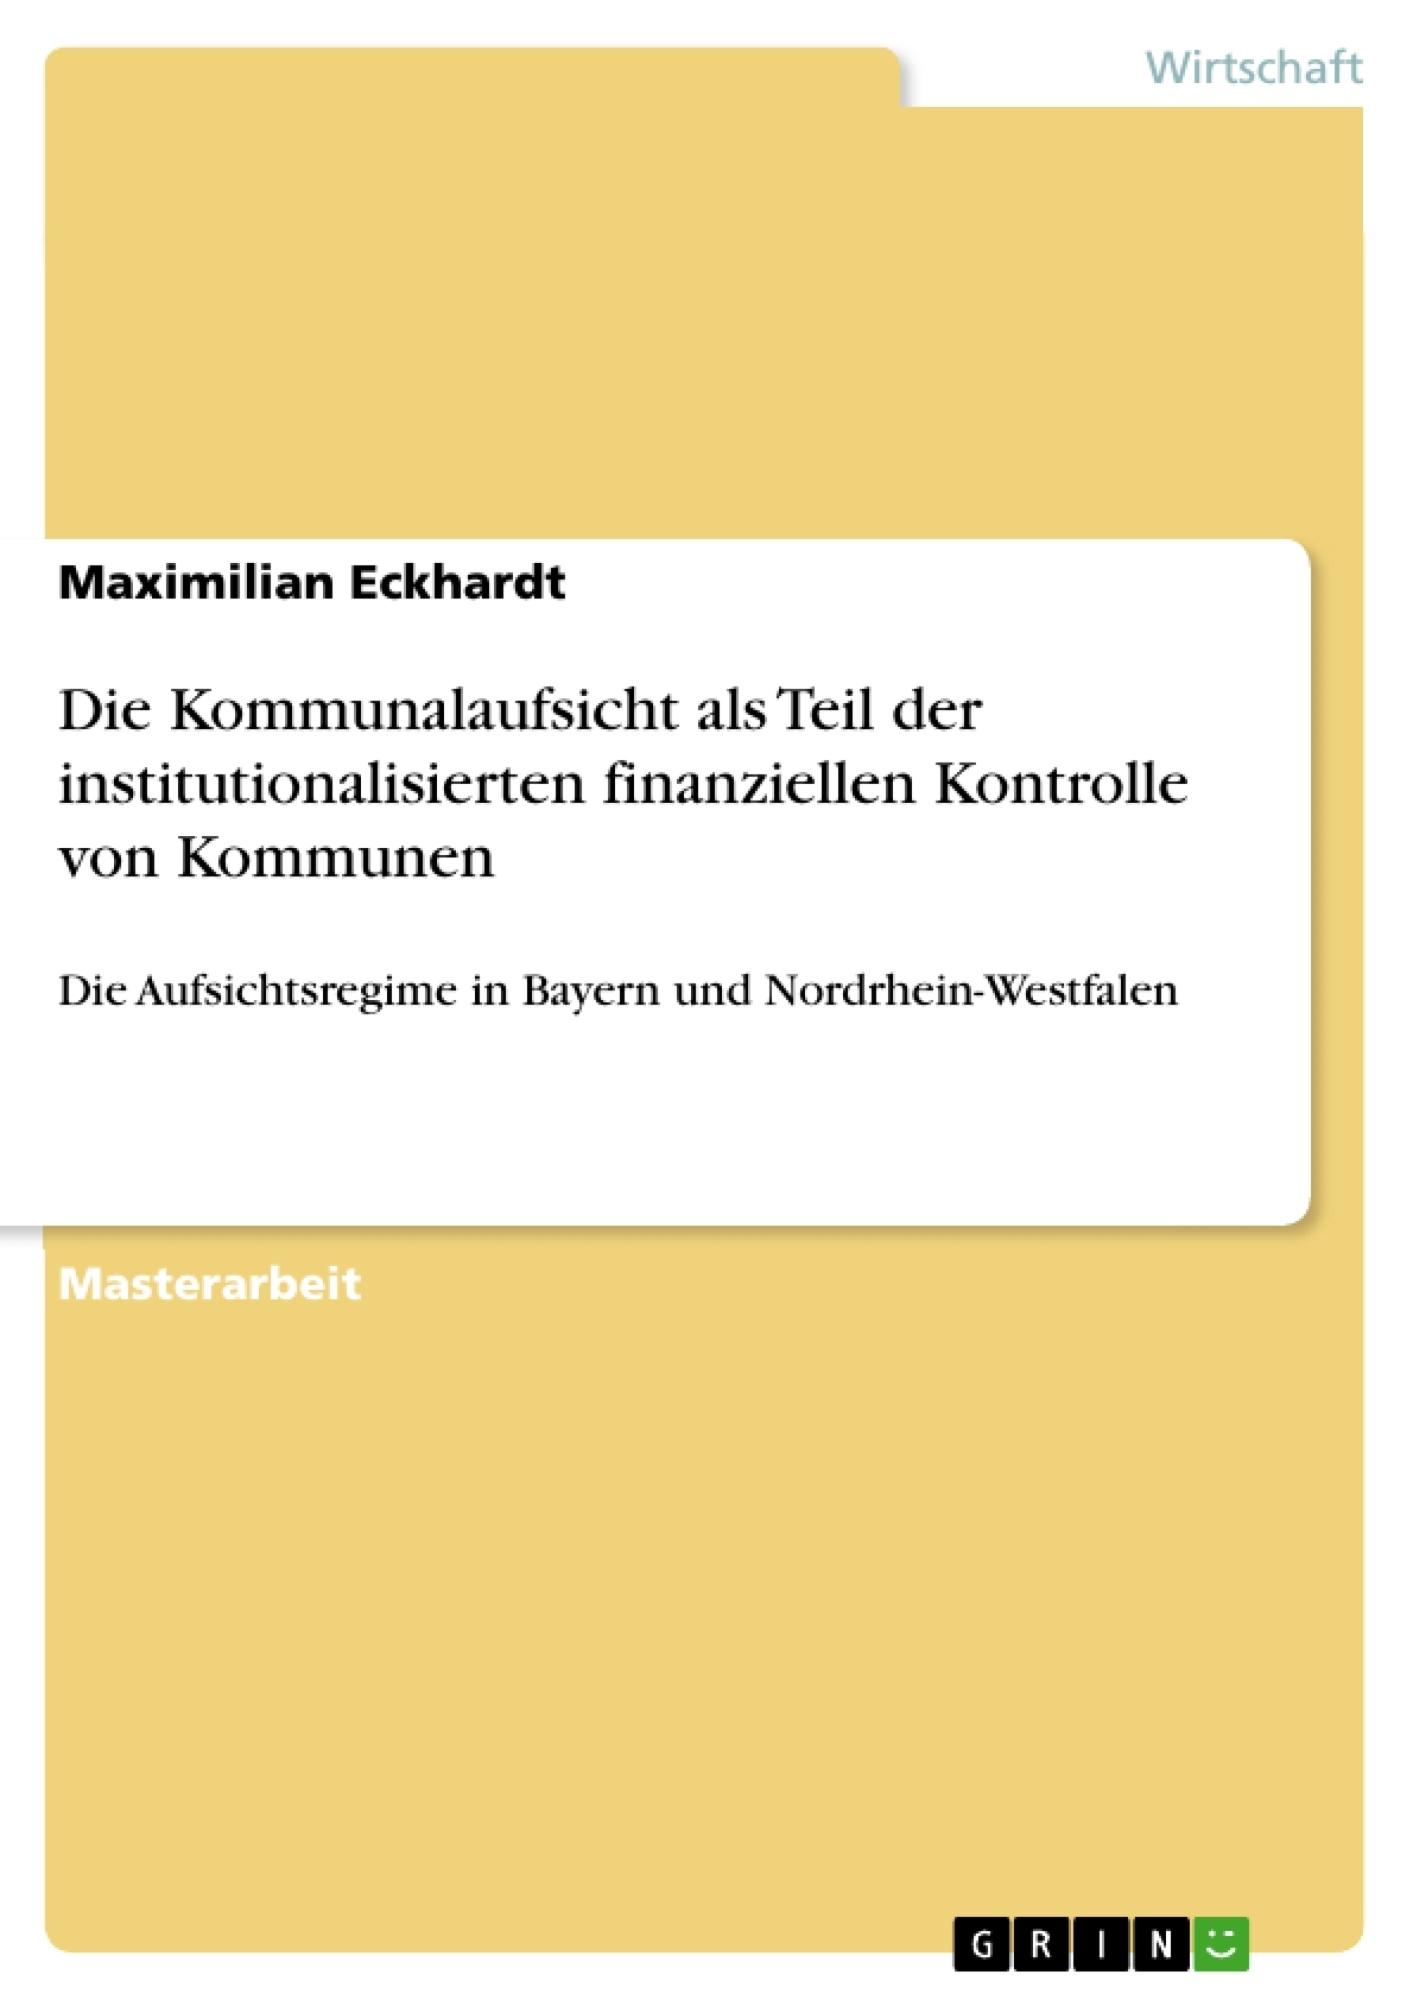 Titel: Die Kommunalaufsicht als Teil der institutionalisierten finanziellen Kontrolle von Kommunen